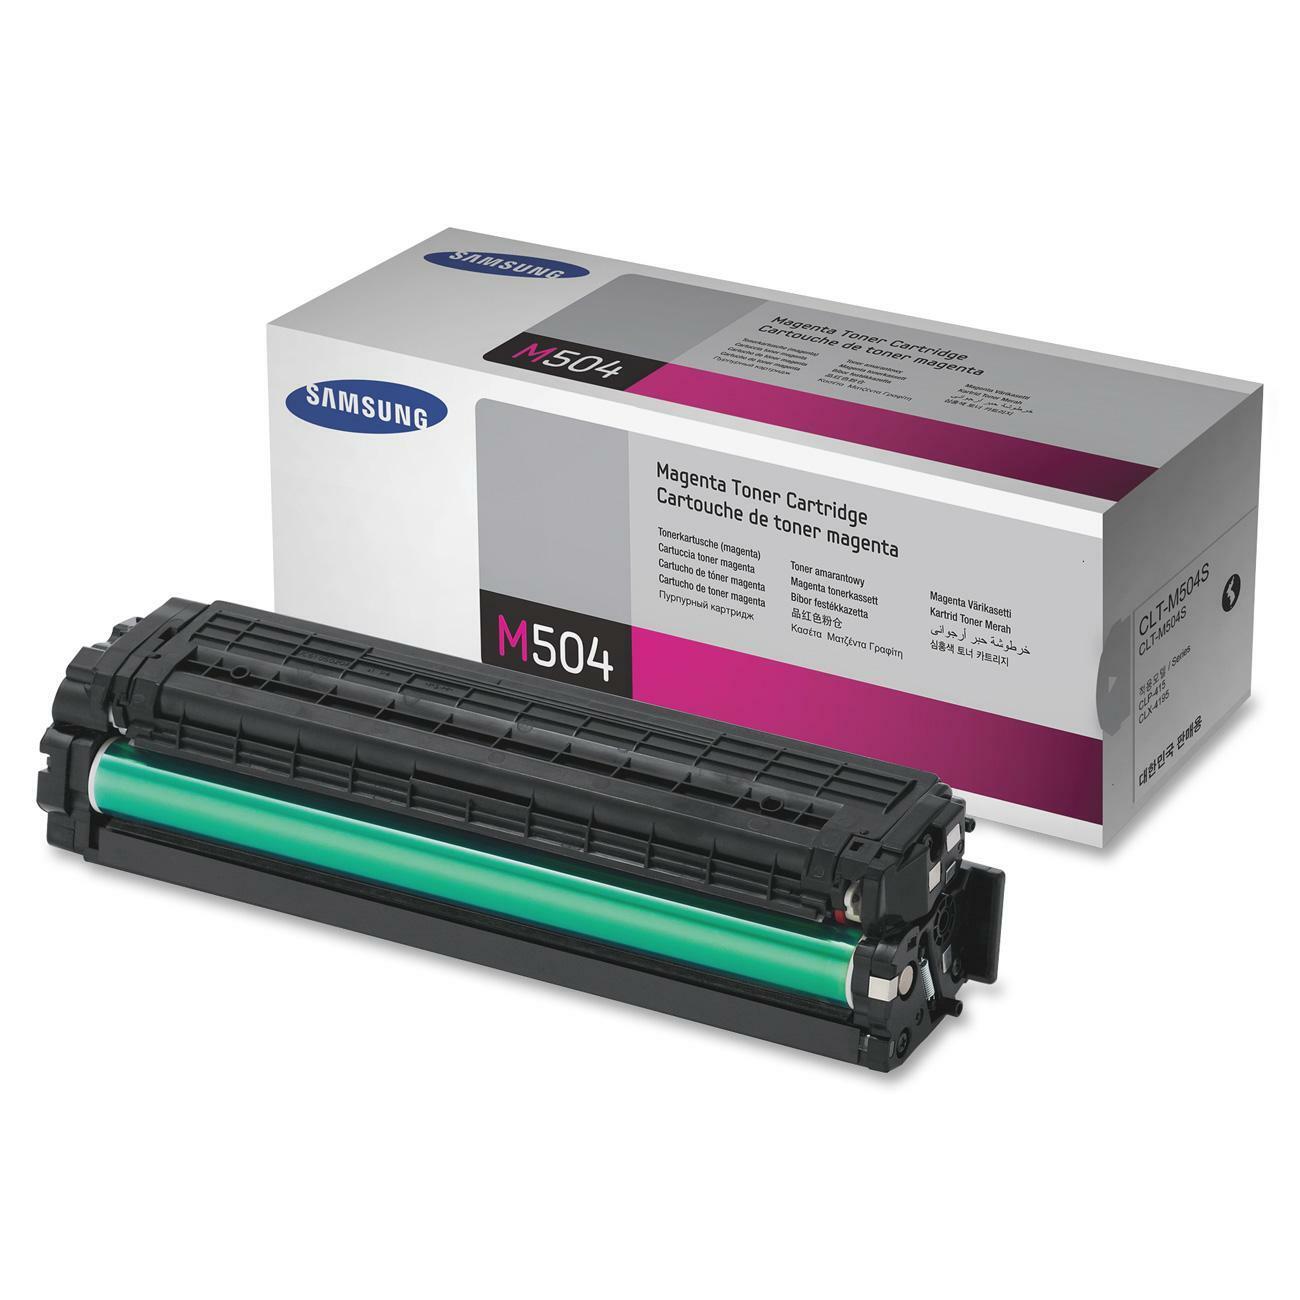 Samsung CLT-M504S Toner Cartridge - Magenta